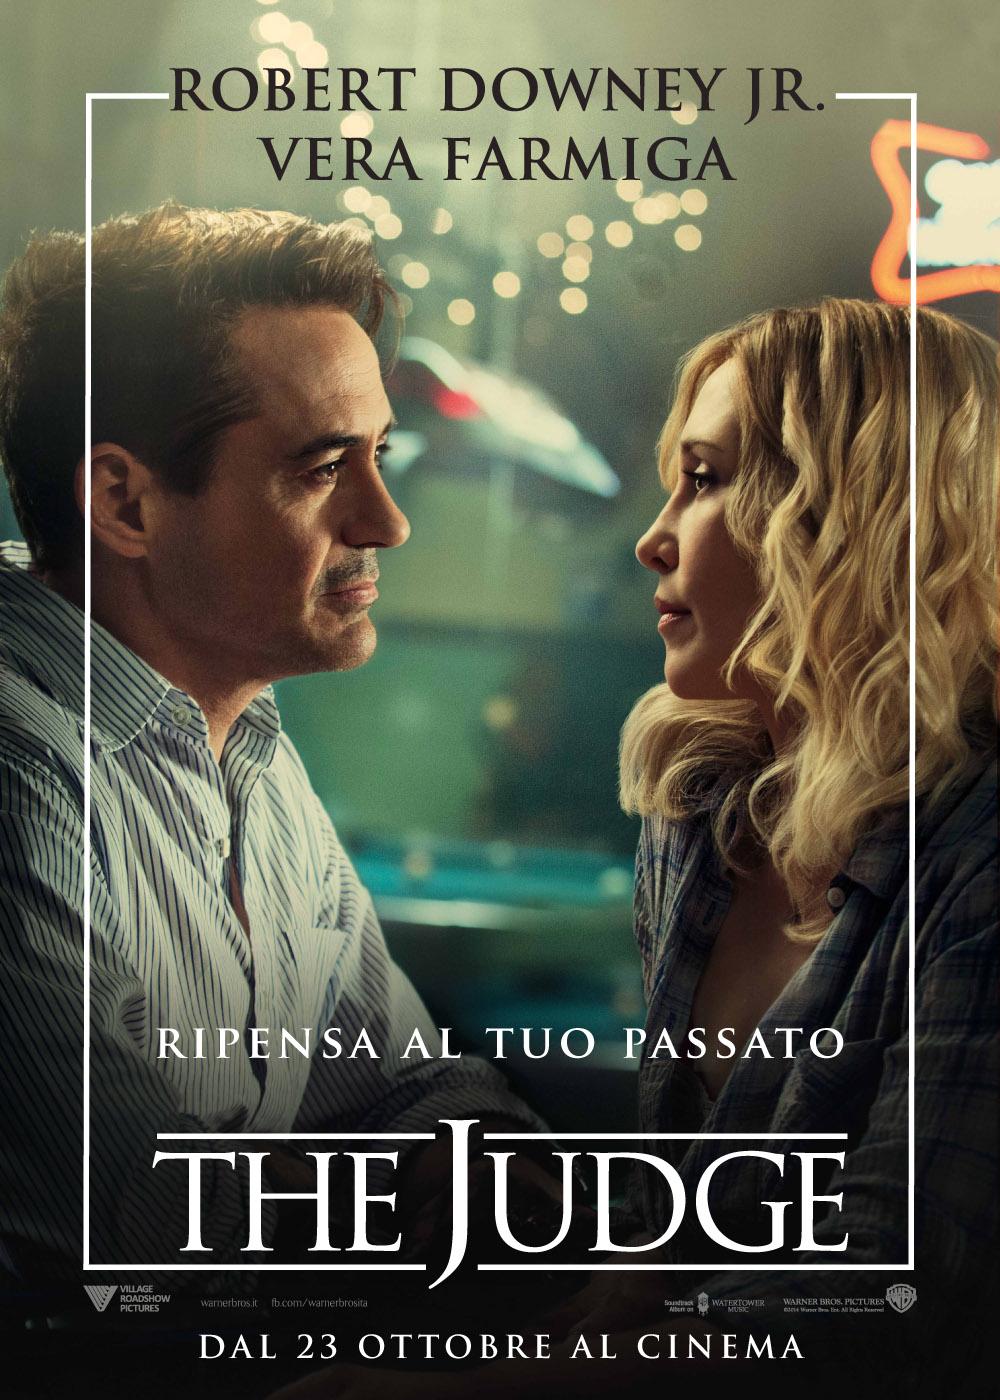 Character Poster di The Judge con Robert Downey jr. e Vera Farmiga